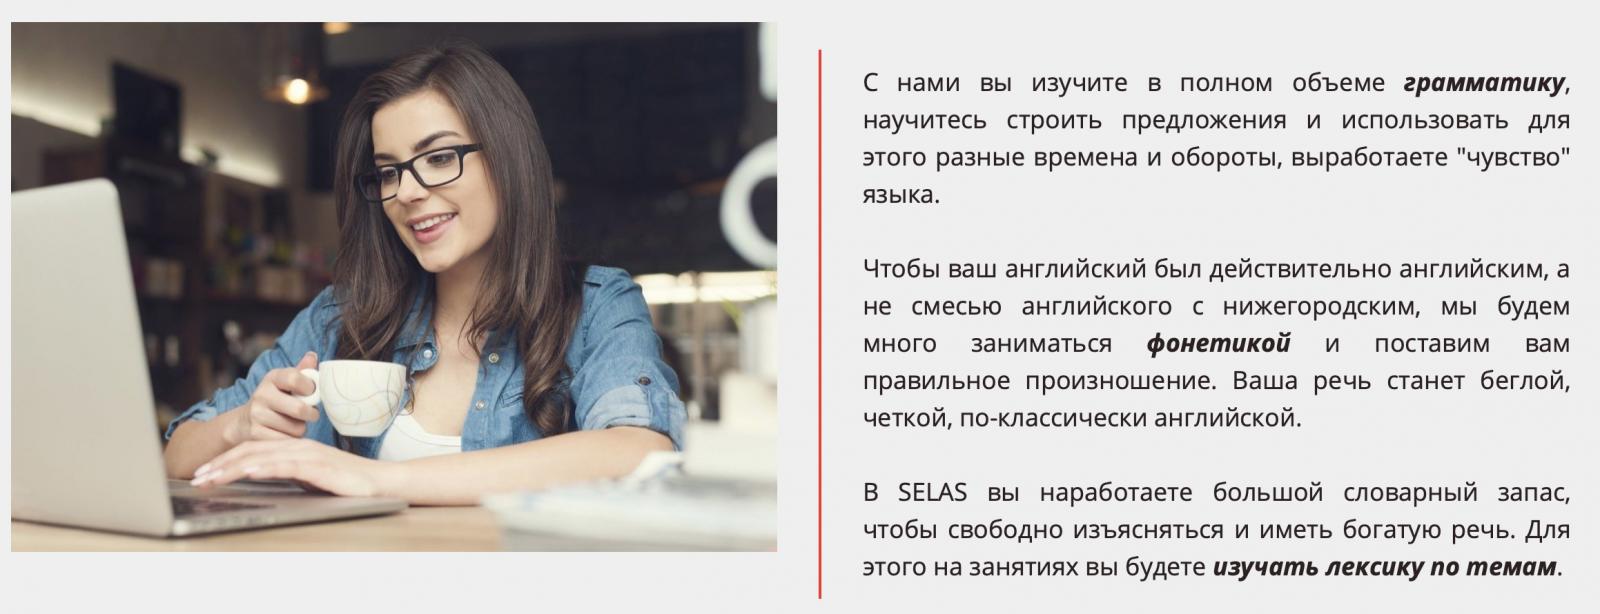 Цена обучения в школе Селас: От 690р./урок